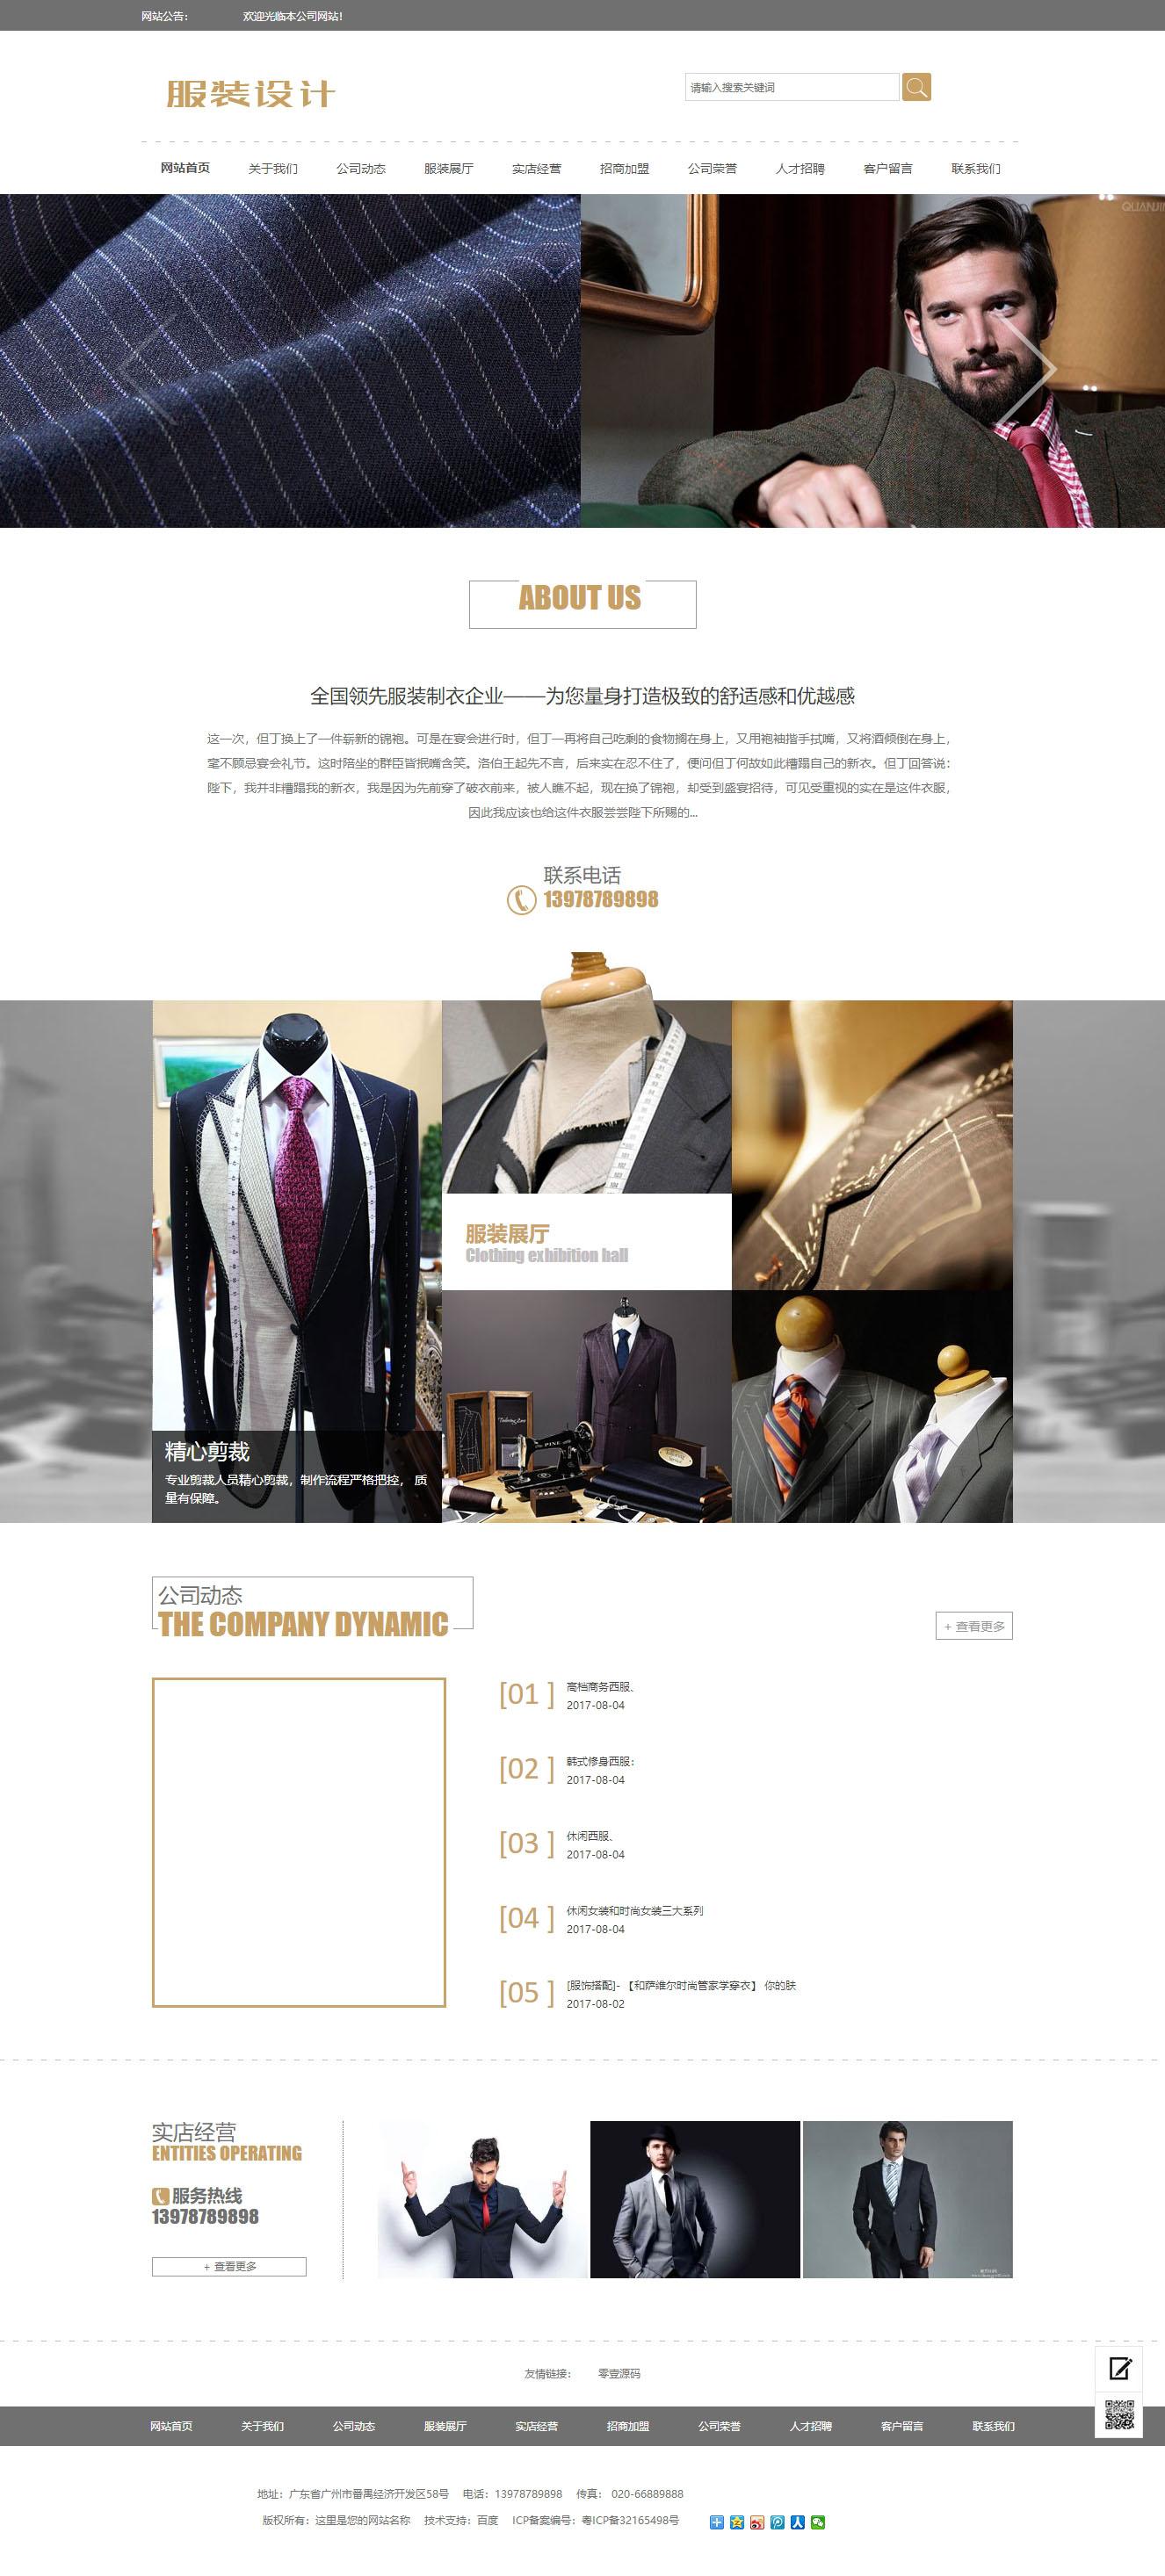 服装设计展示企业网站织梦dedecms模板(带手机端)